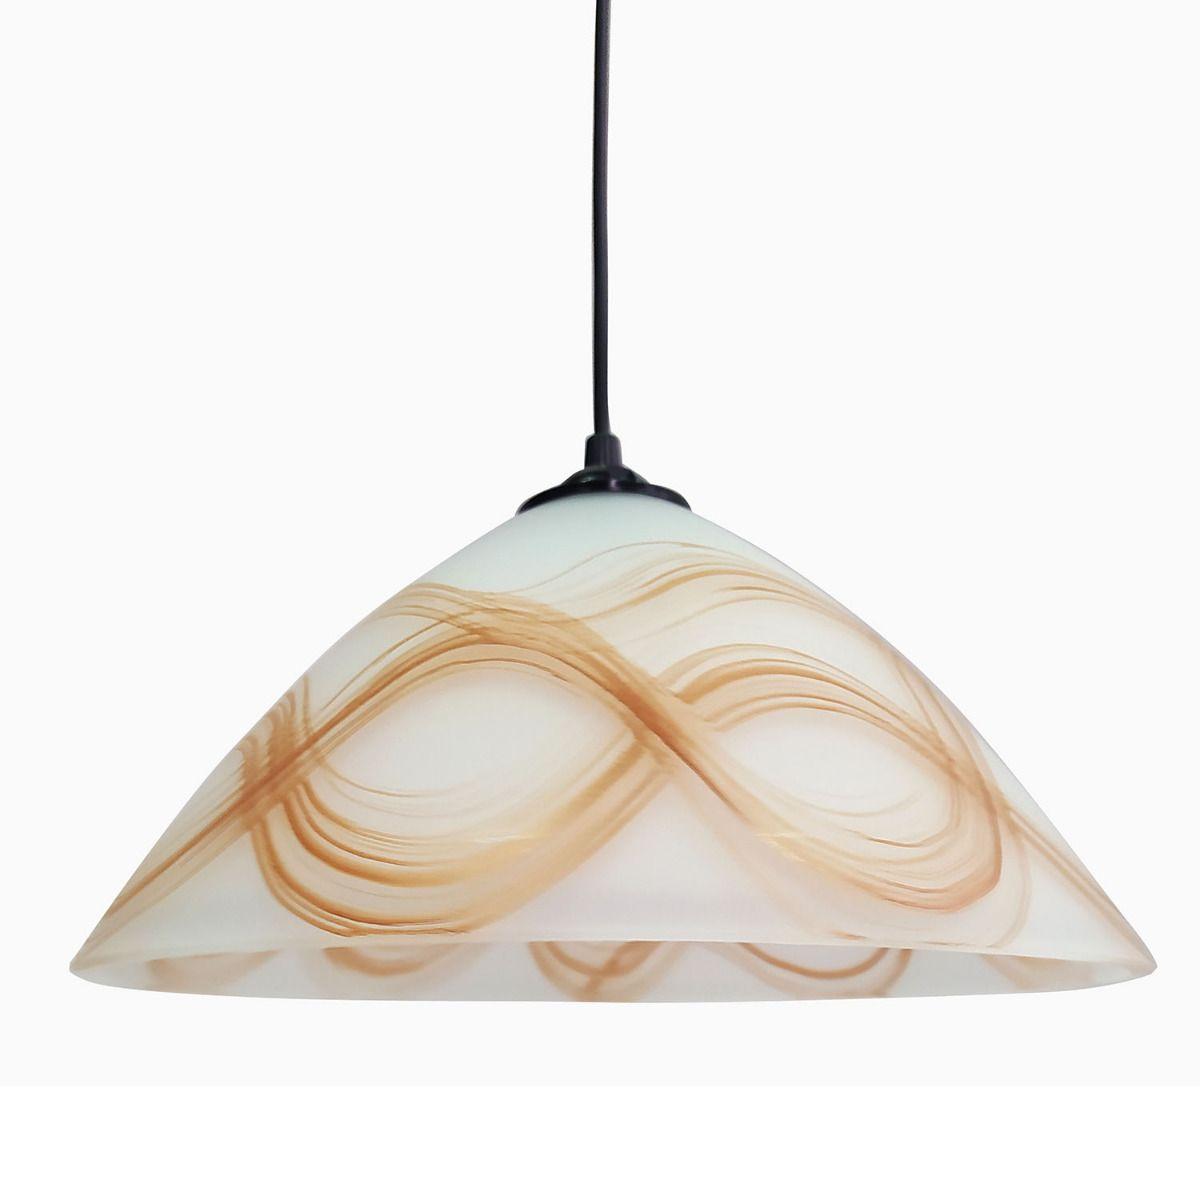 Κρεμαστό φωτιστικό γυάλινο σε χρώμα λευκό με μελί ρίγες & διάμετρο 30cm MEC-1147F30HONEY